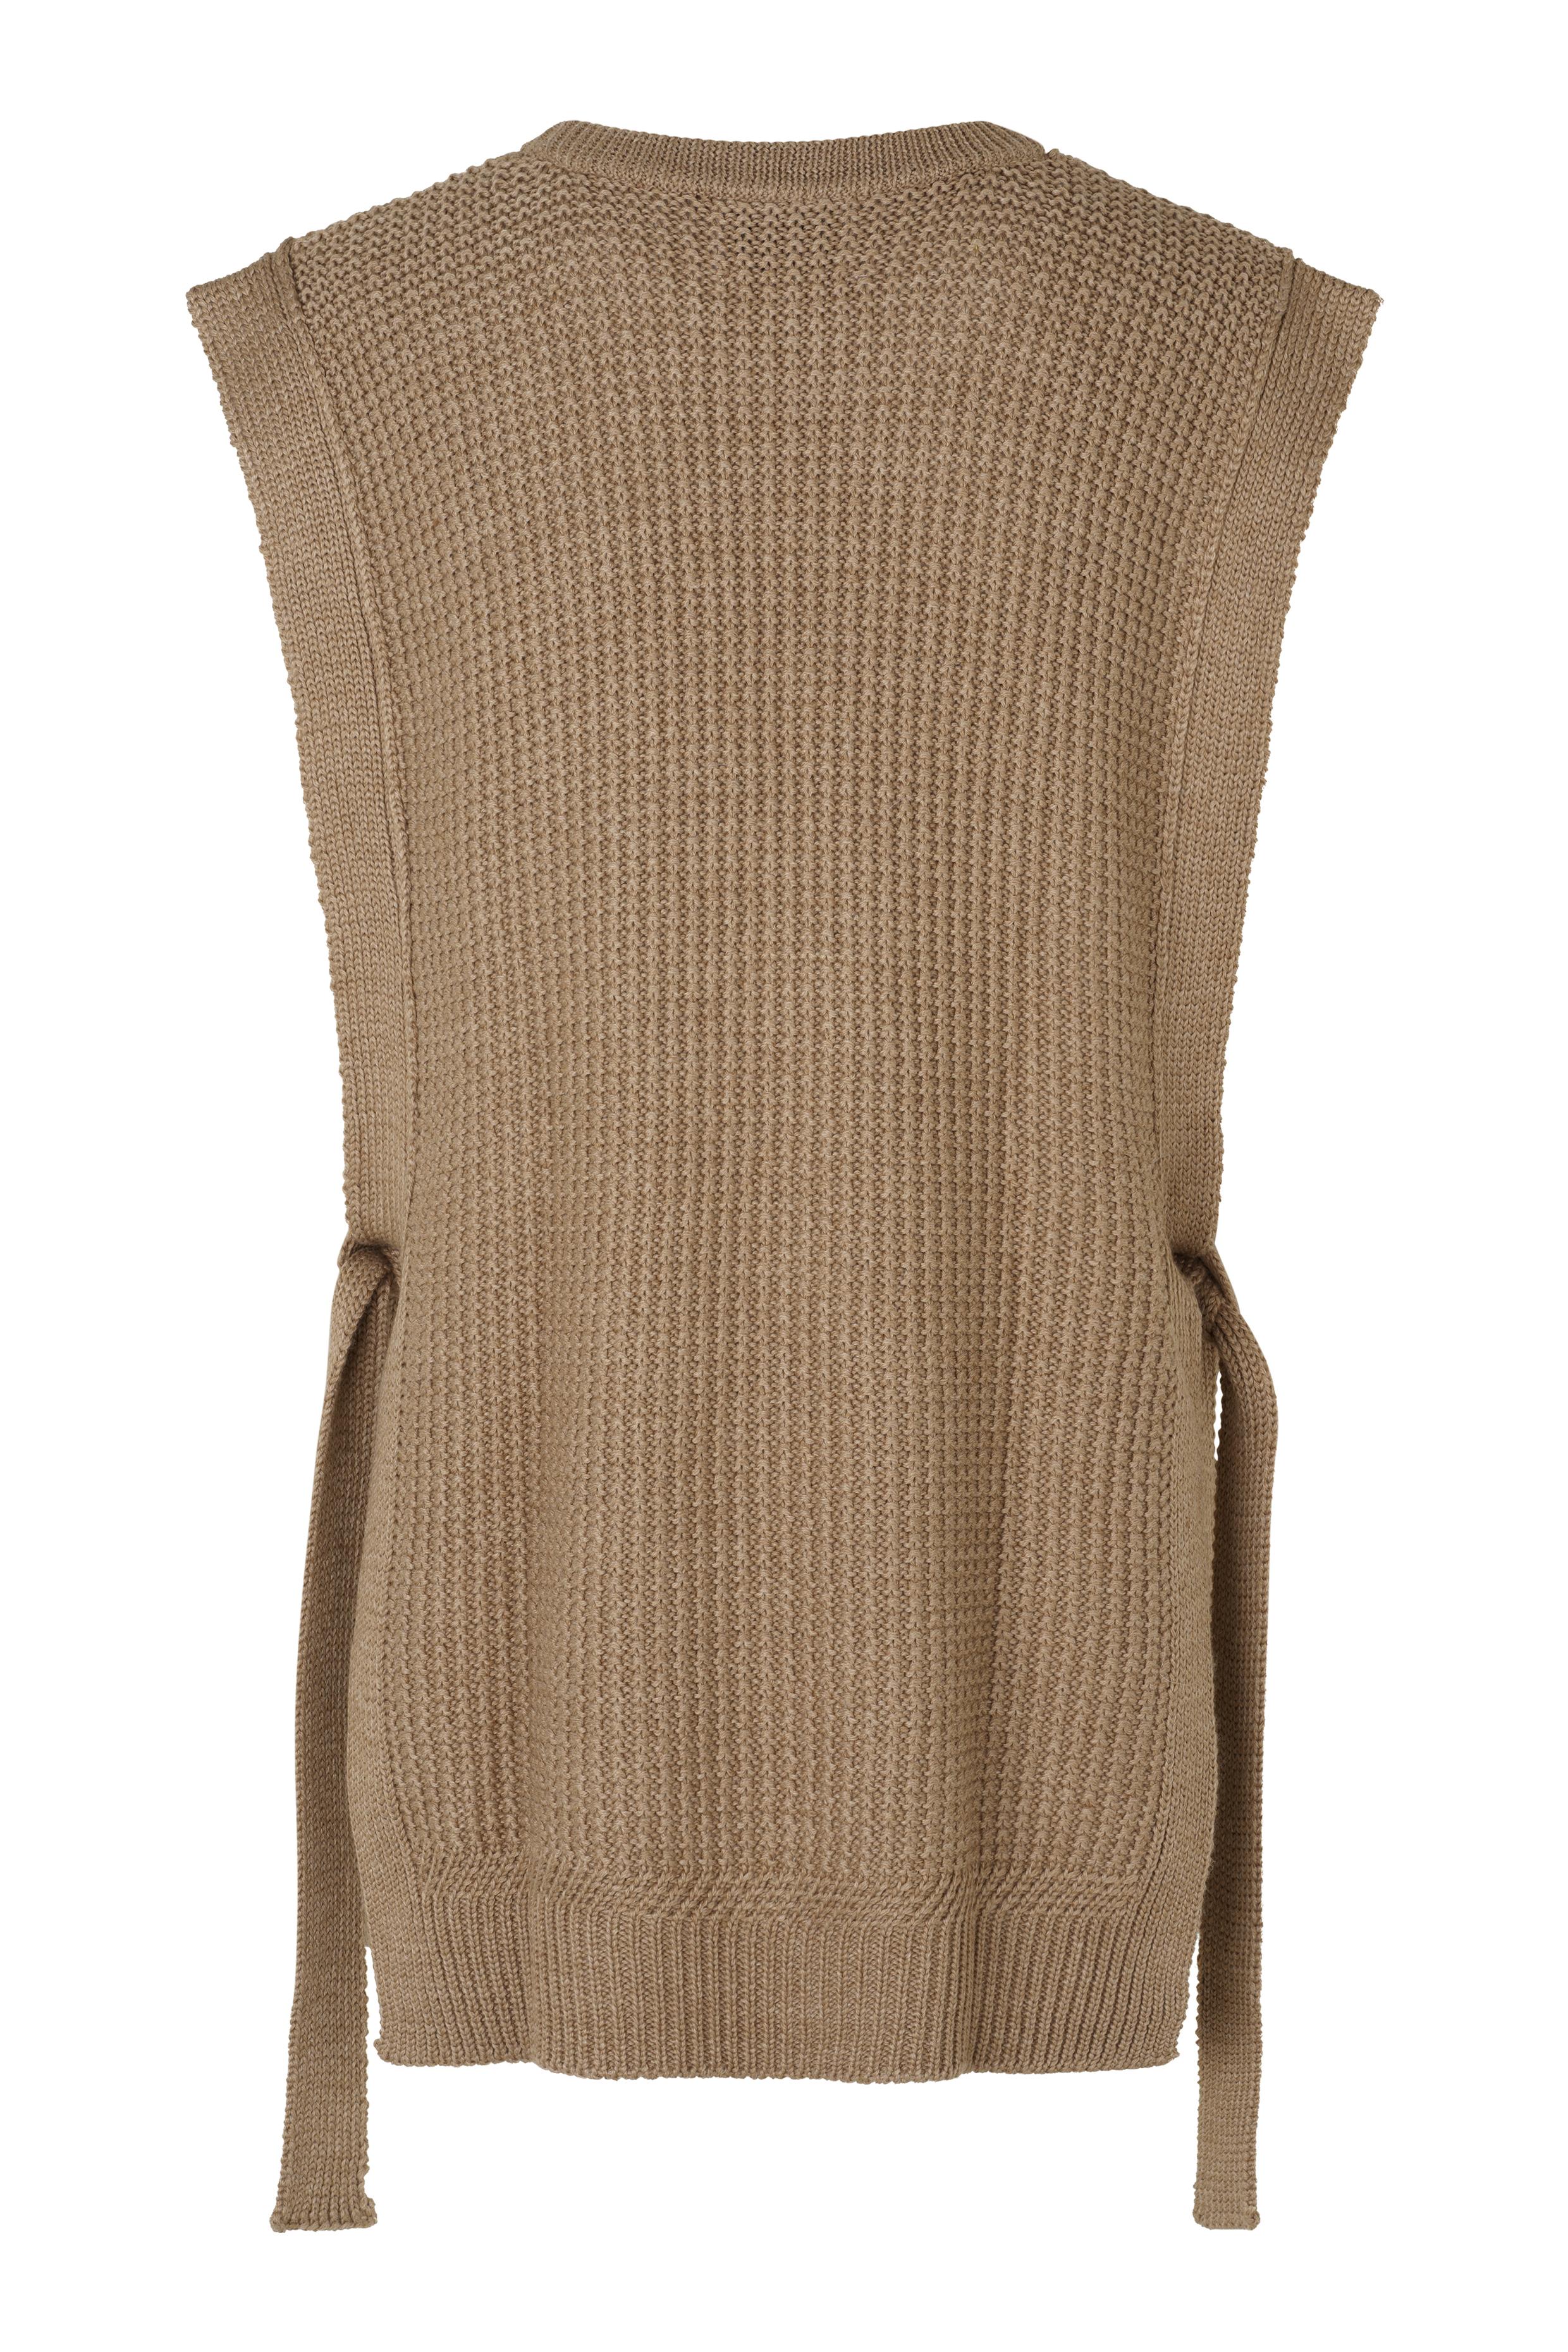 Second Female Vest, sepia tint, medium